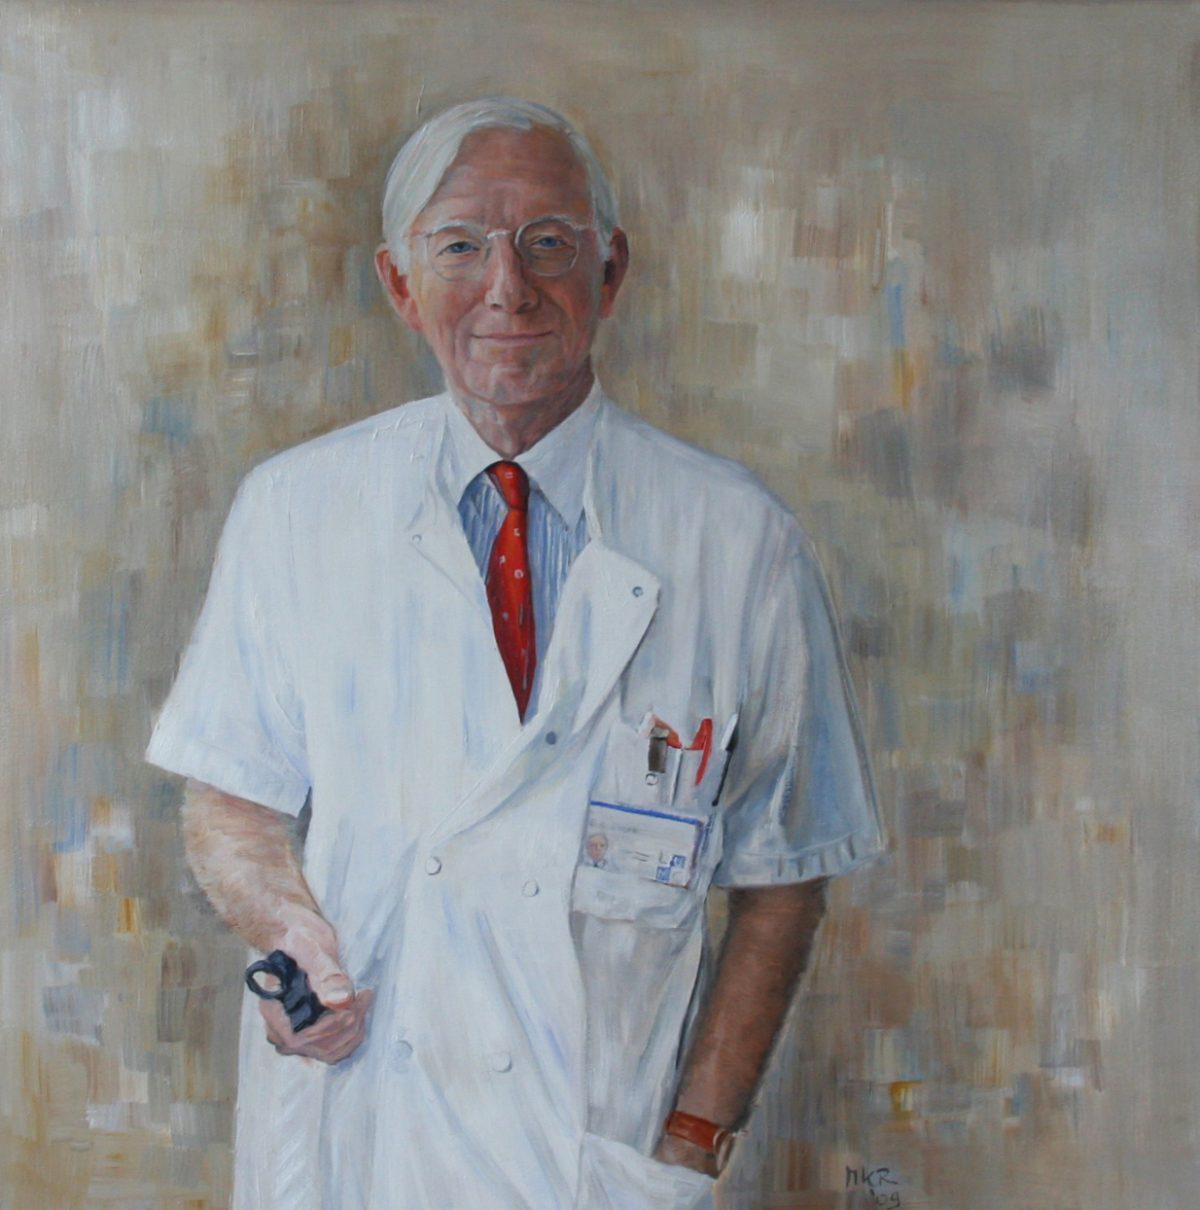 Portretschilderij van Professor Sterk voor het LUMC